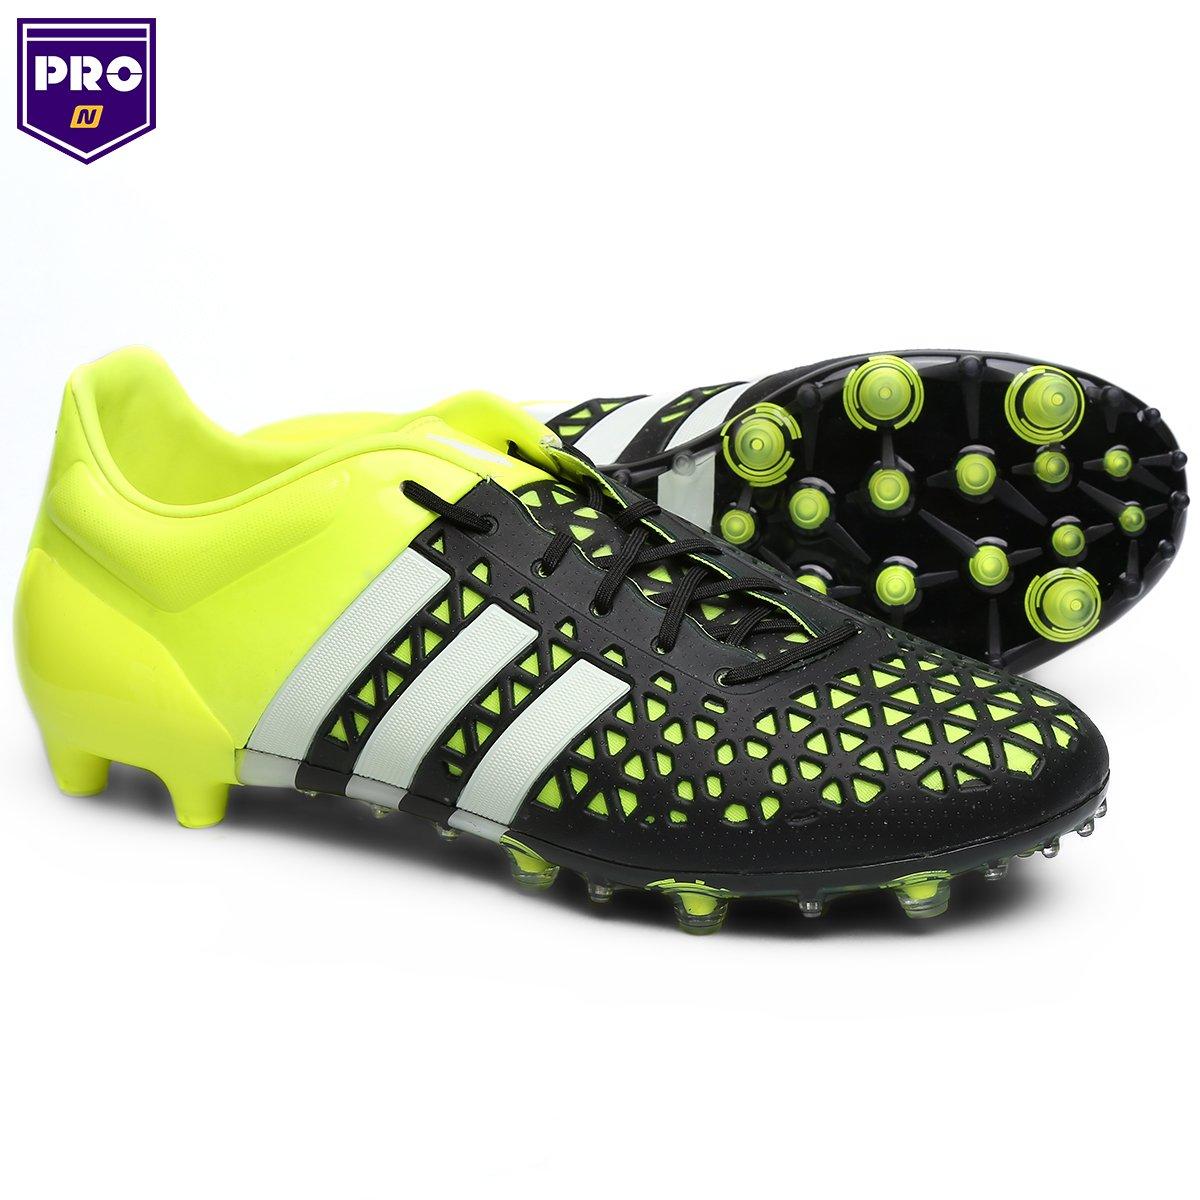 Chuteira Campo Adidas Ace 15 1 FG Masculina - Compre Agora  97bceda814aac